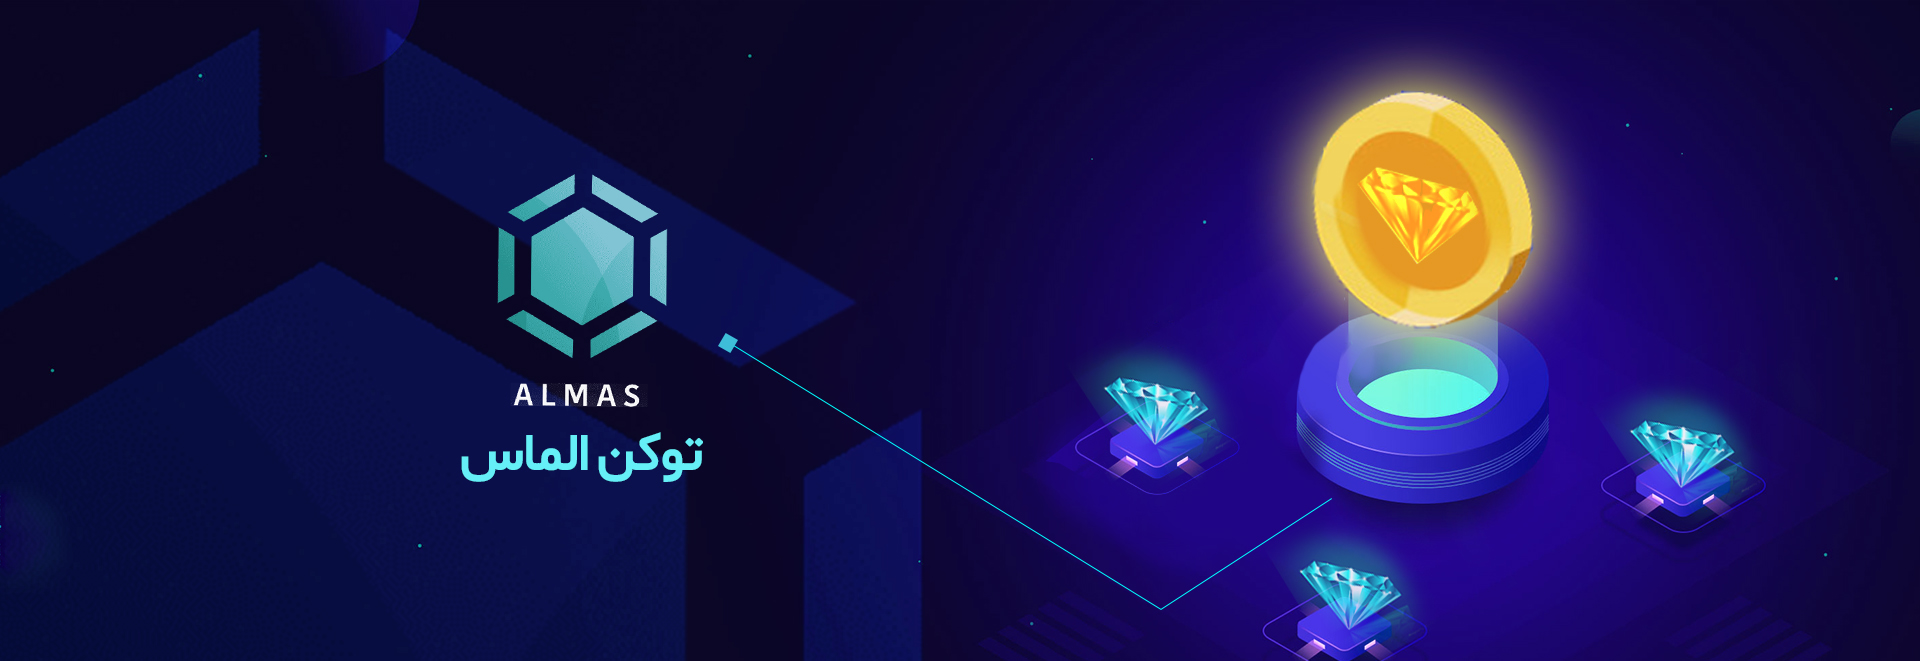 توکن الماس A101